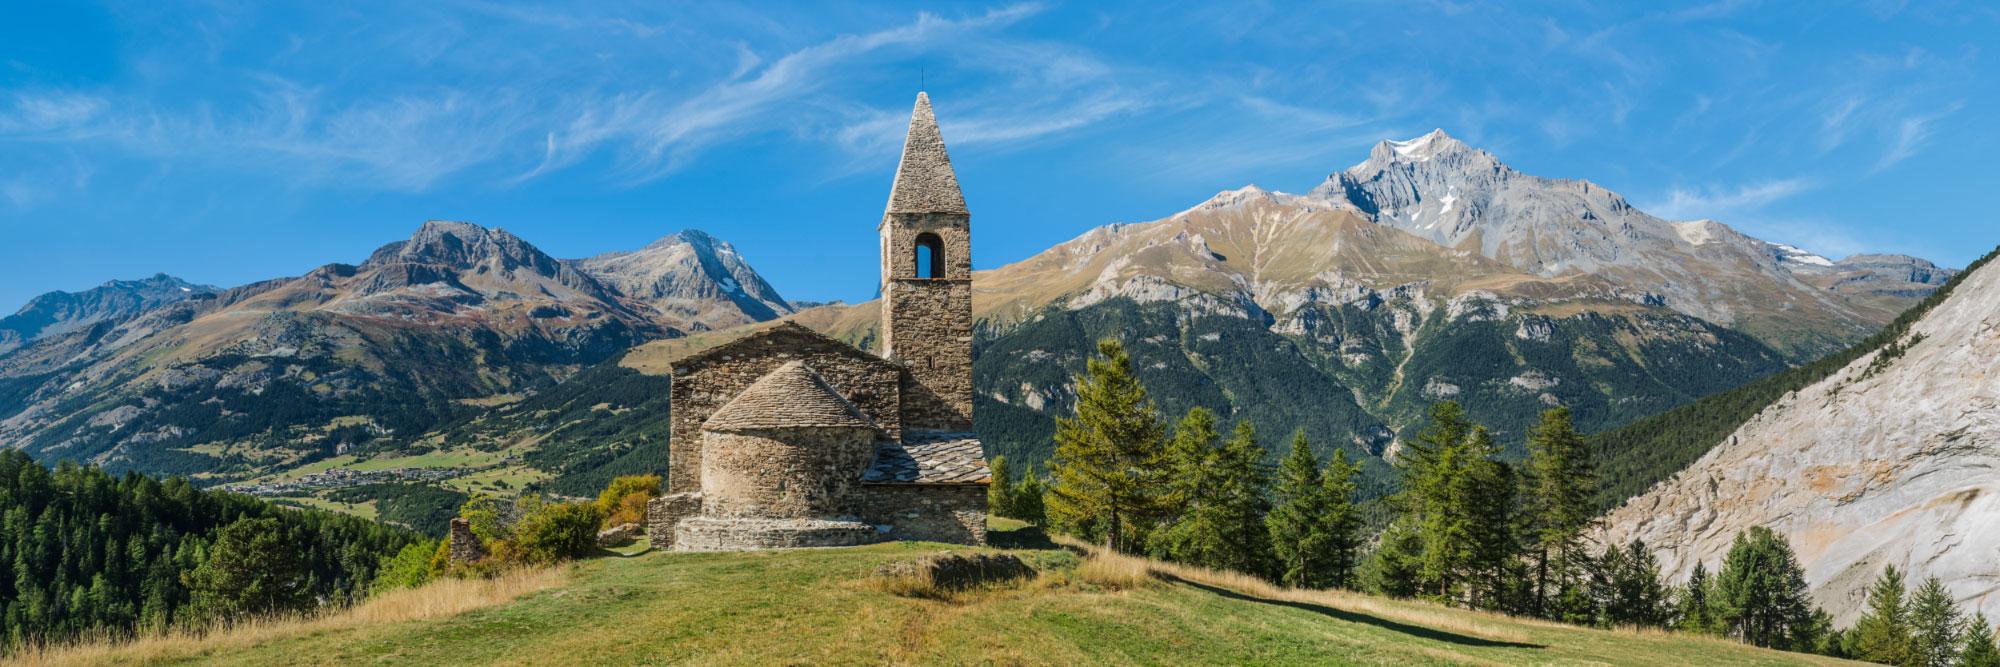 Eglise de St-Pierre-d'Extravache, Bramans, Maurienne